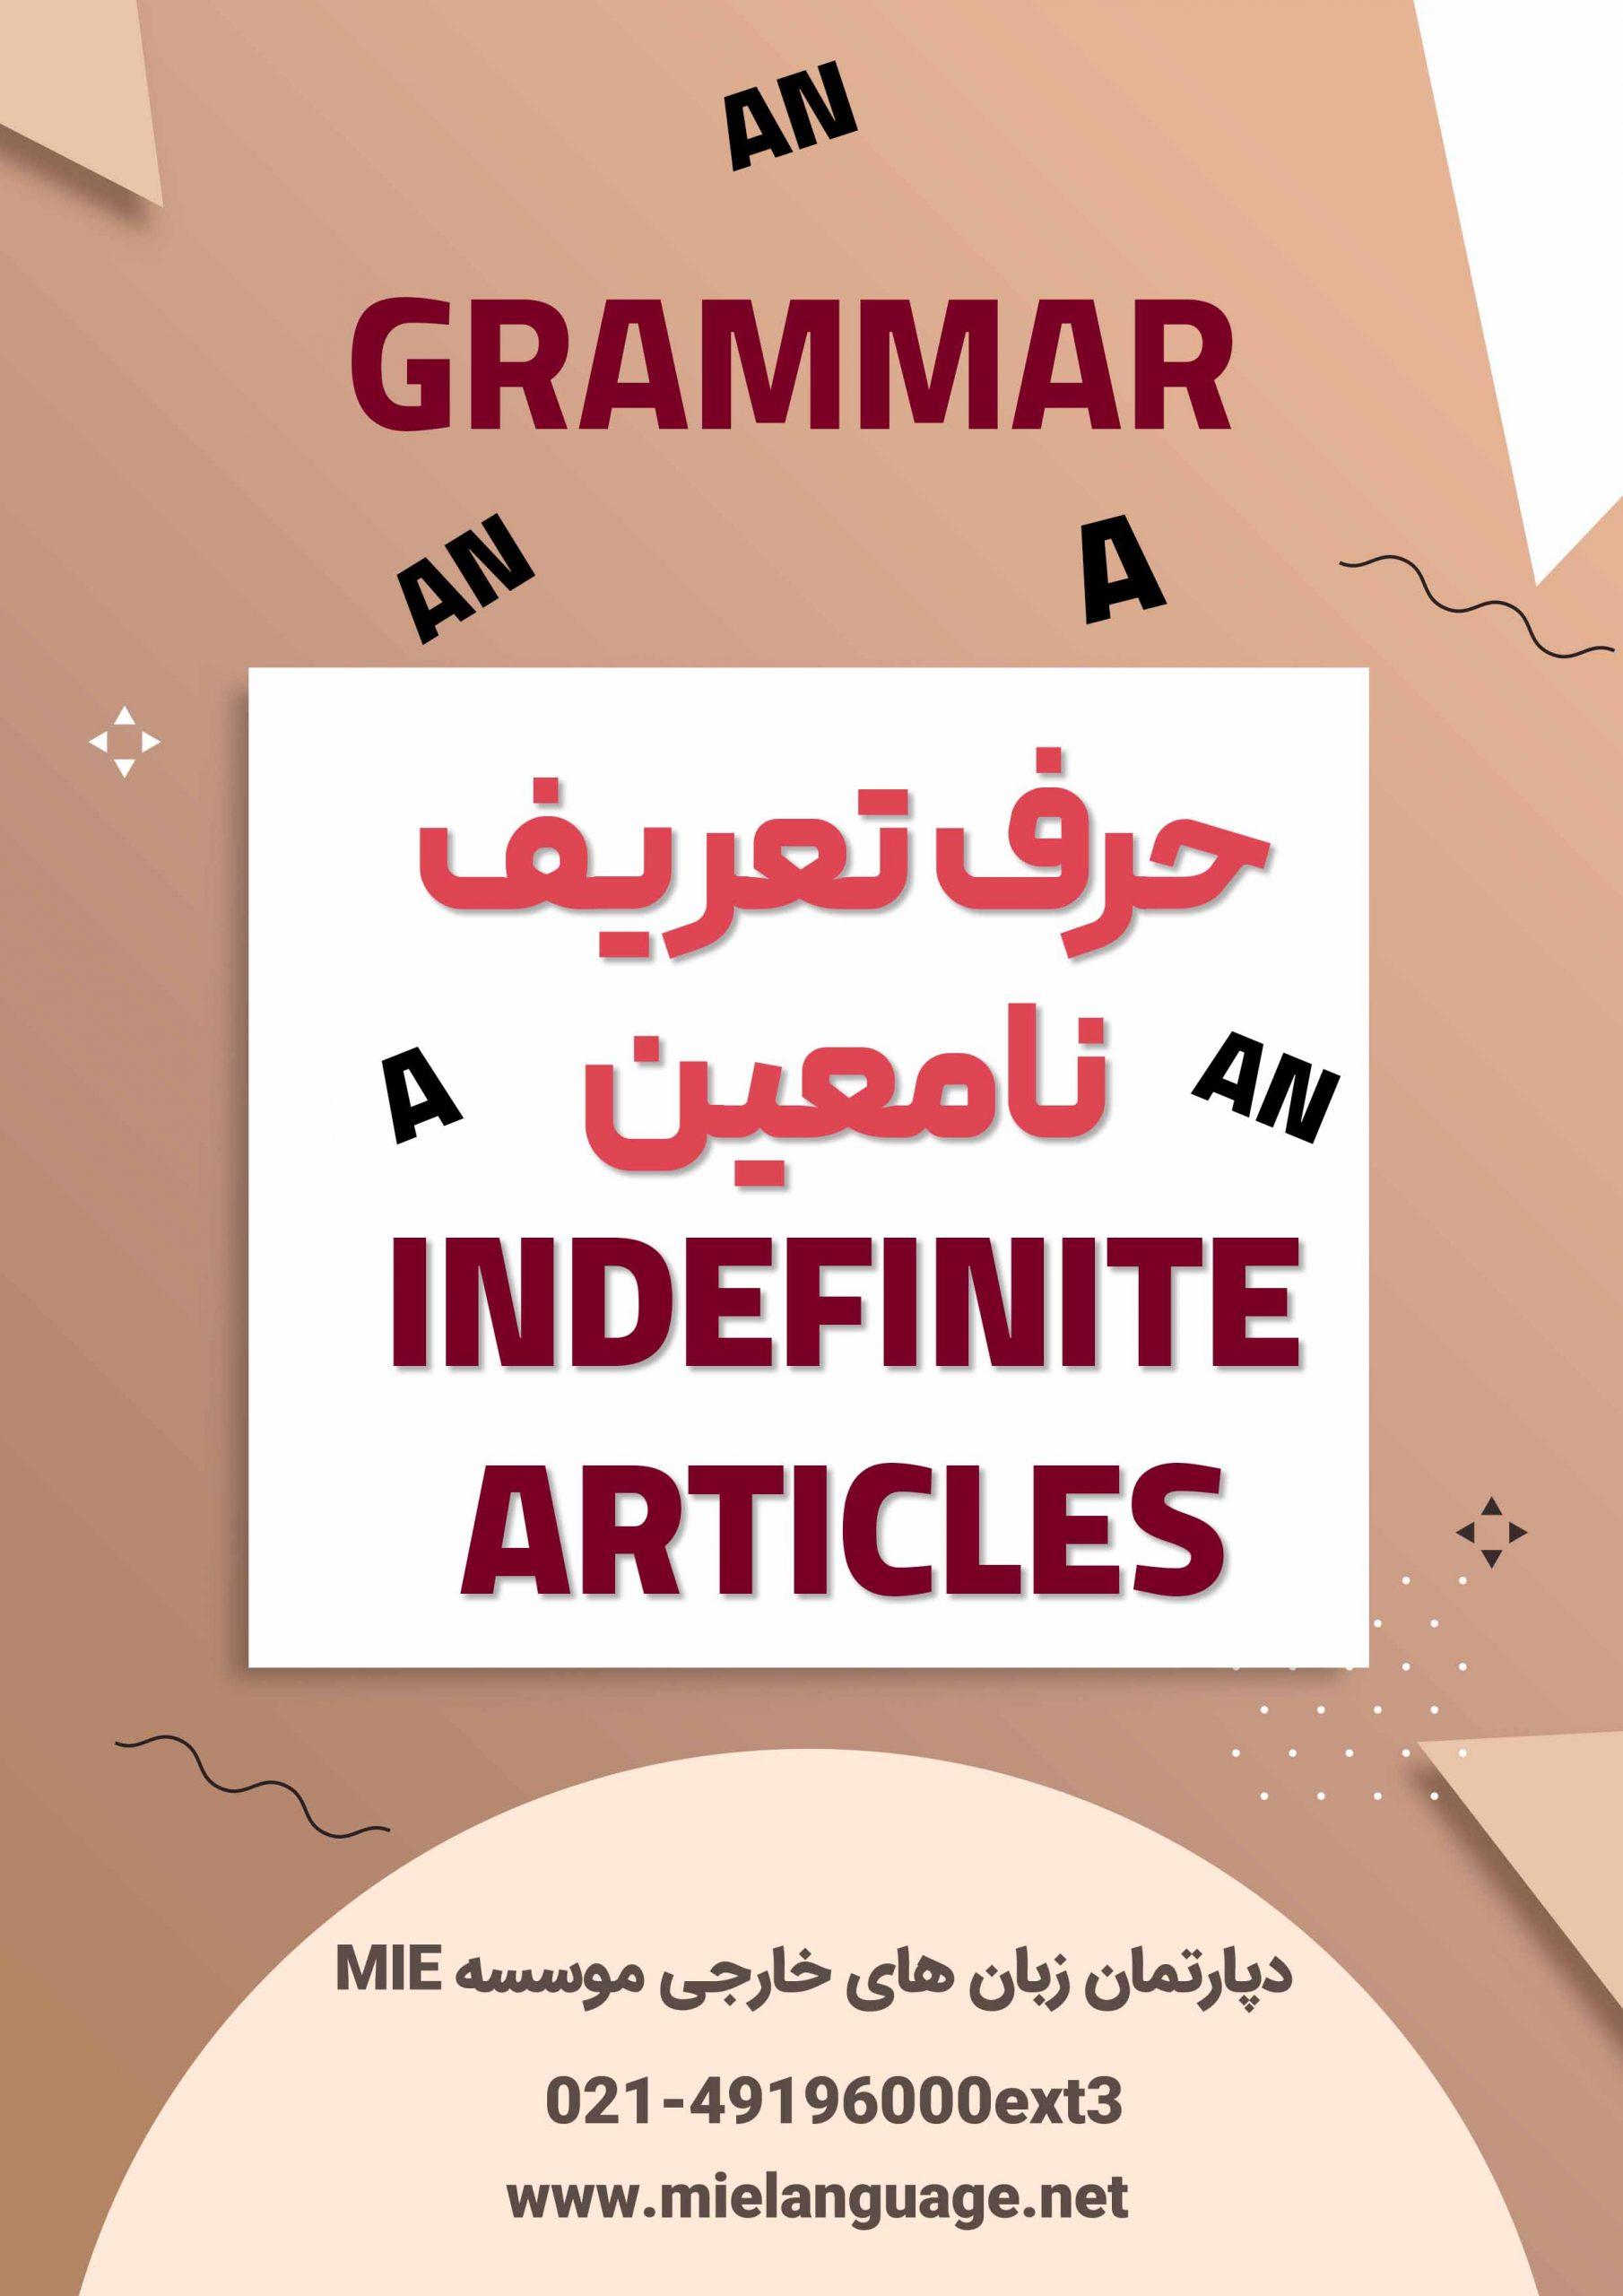 کاربرد حرف تعریف نامعین در زبان انگلیسی